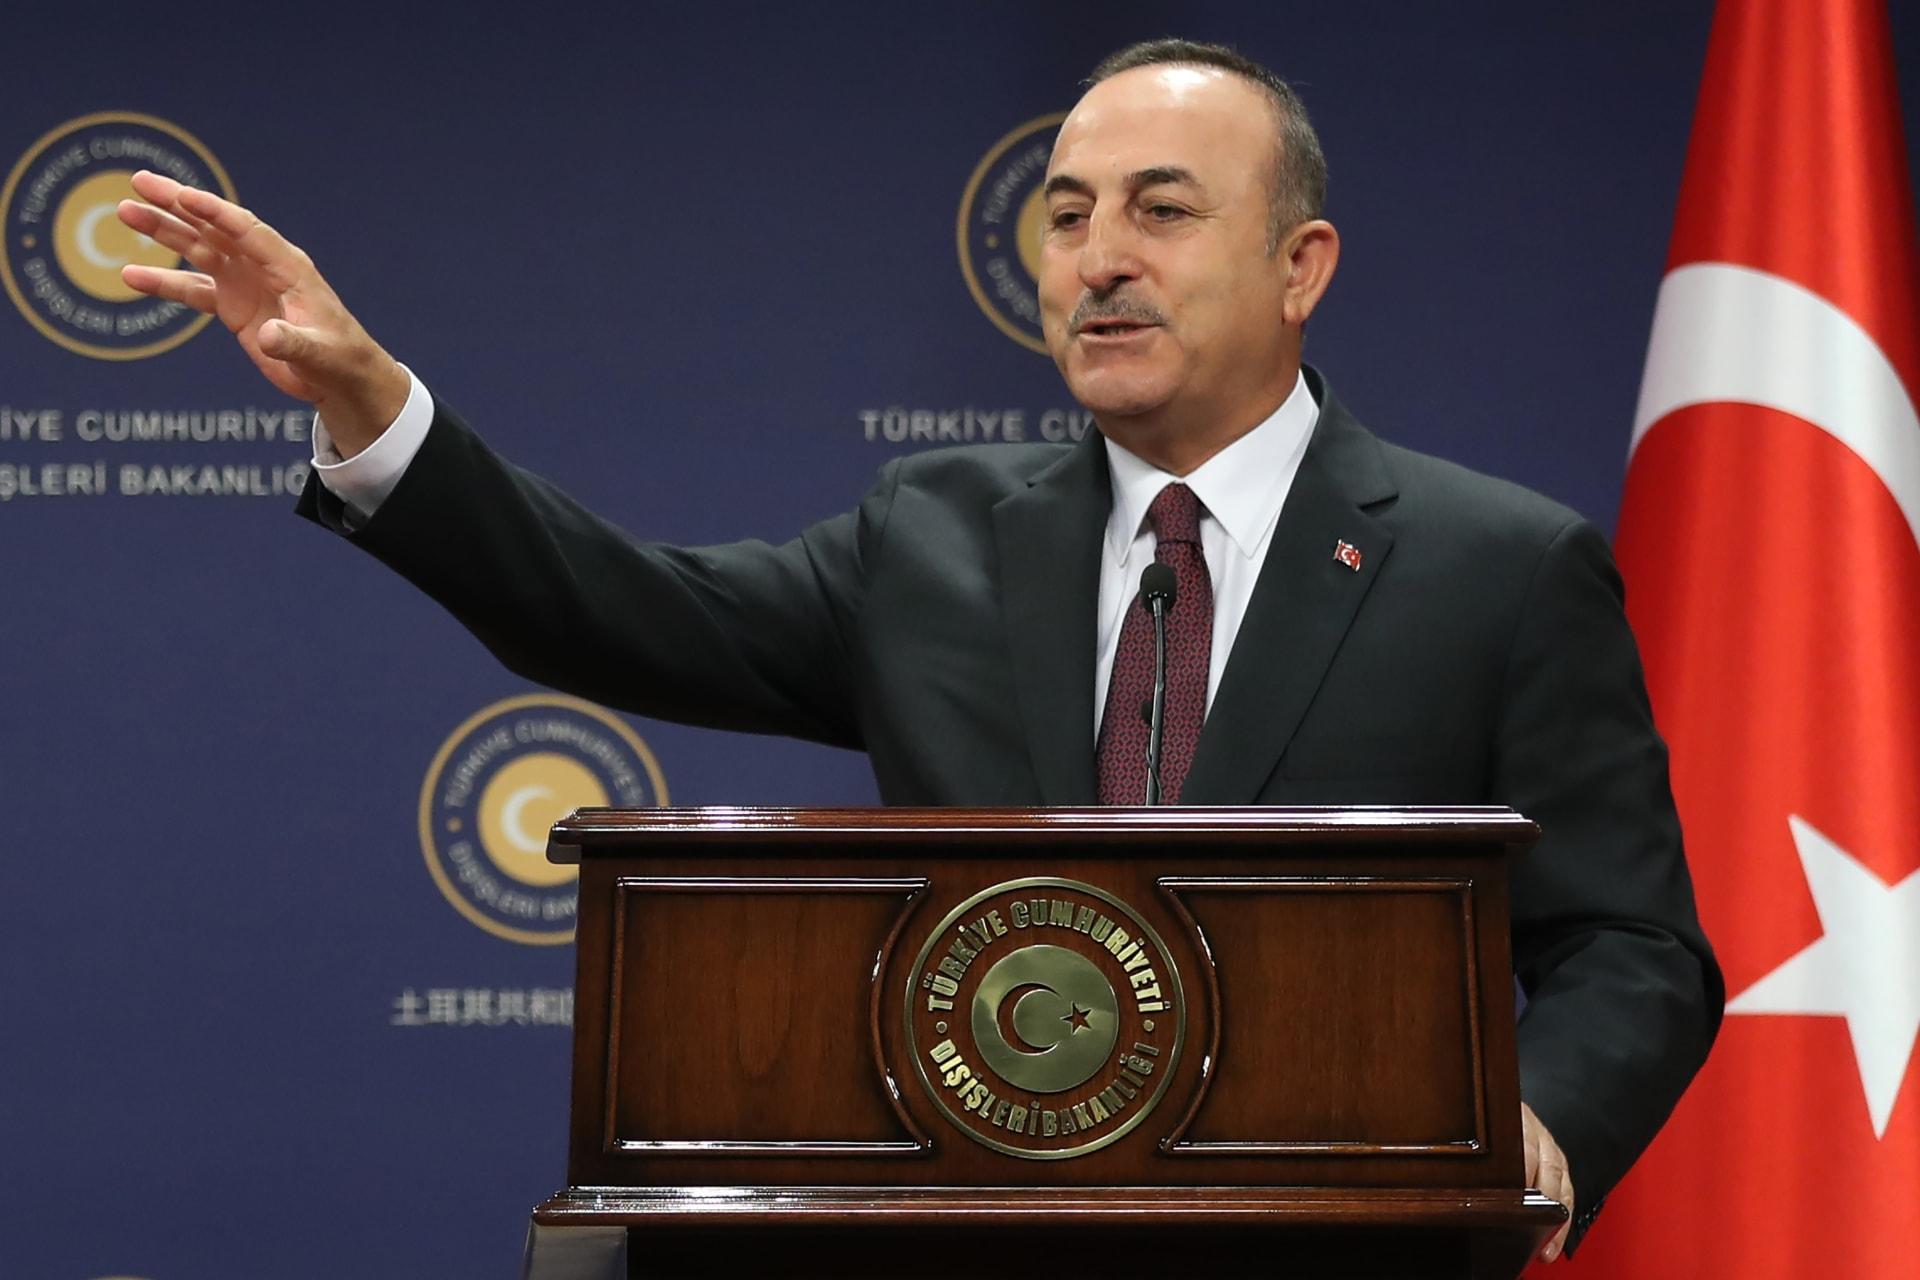 """وزير الخارجية التركي يكشف سبب إعادة السفينة البحثية شرقي المتوسط: """"ليس تراجعا"""""""